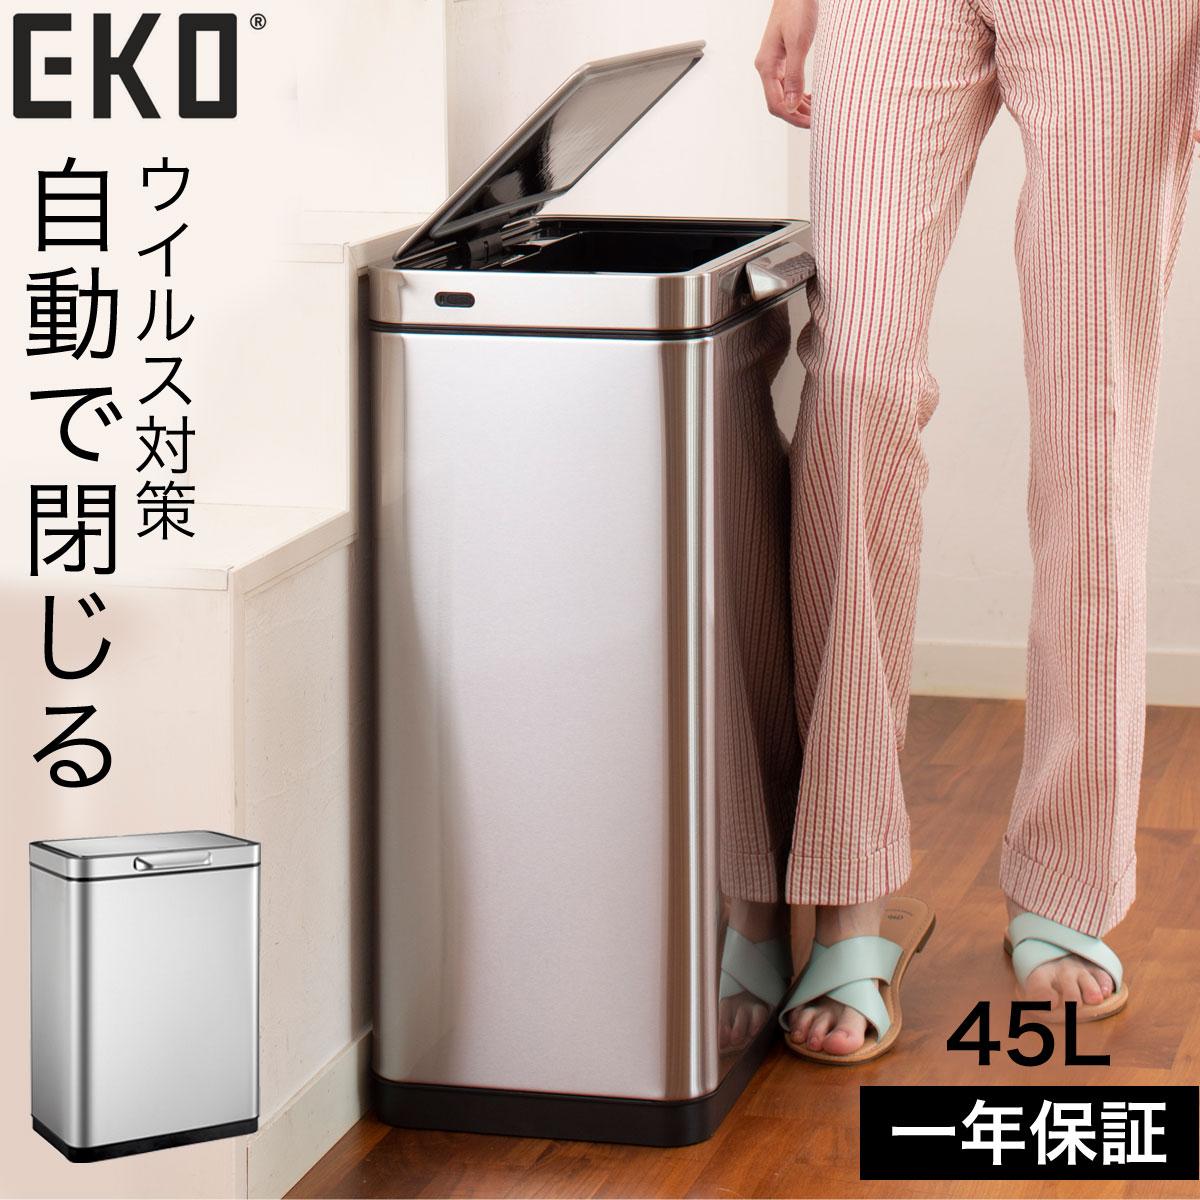 ゴミ箱 ごみ箱 EKO 45リットル キッチン スリム センサー式 イータッチエレクトリックタッチビン 45L おしゃれ ステンレス メーカー直送